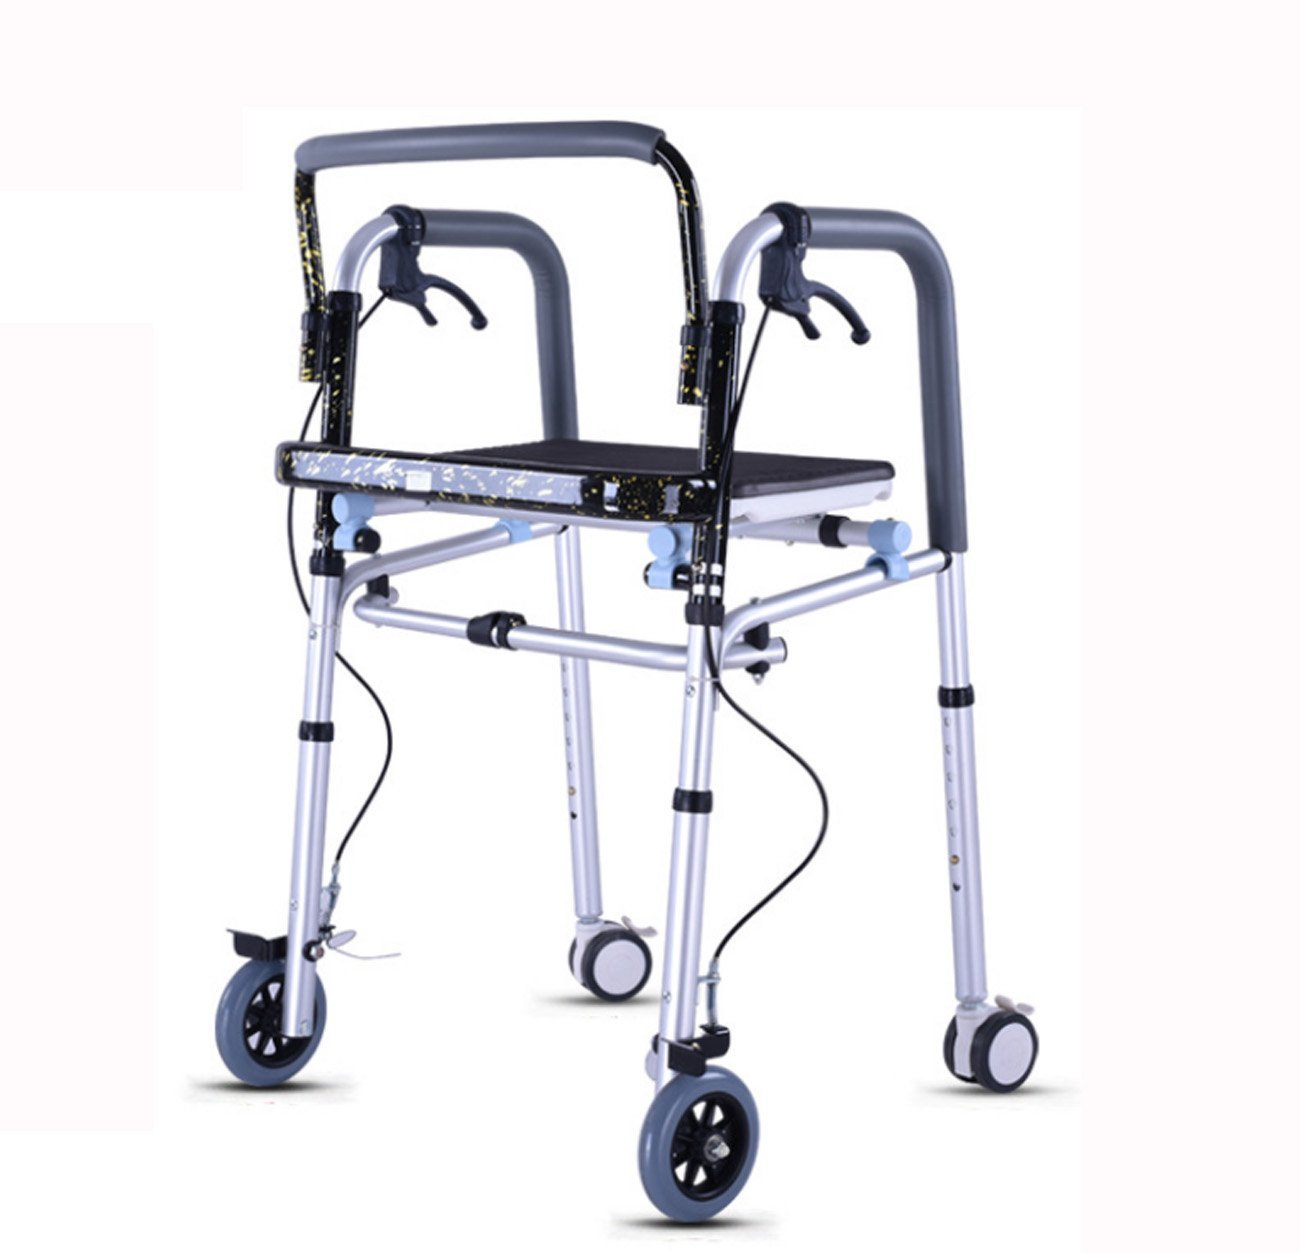 【公式】 4輪 4輪 Rollator Rollator 歩行補助 B07G3CDT45、折り畳み式の座席を持つ折りたたみ歩行フレーム + ロック可能なブレーキ B07G3CDT45, 蕊取郡:f4797cc3 --- a0267596.xsph.ru